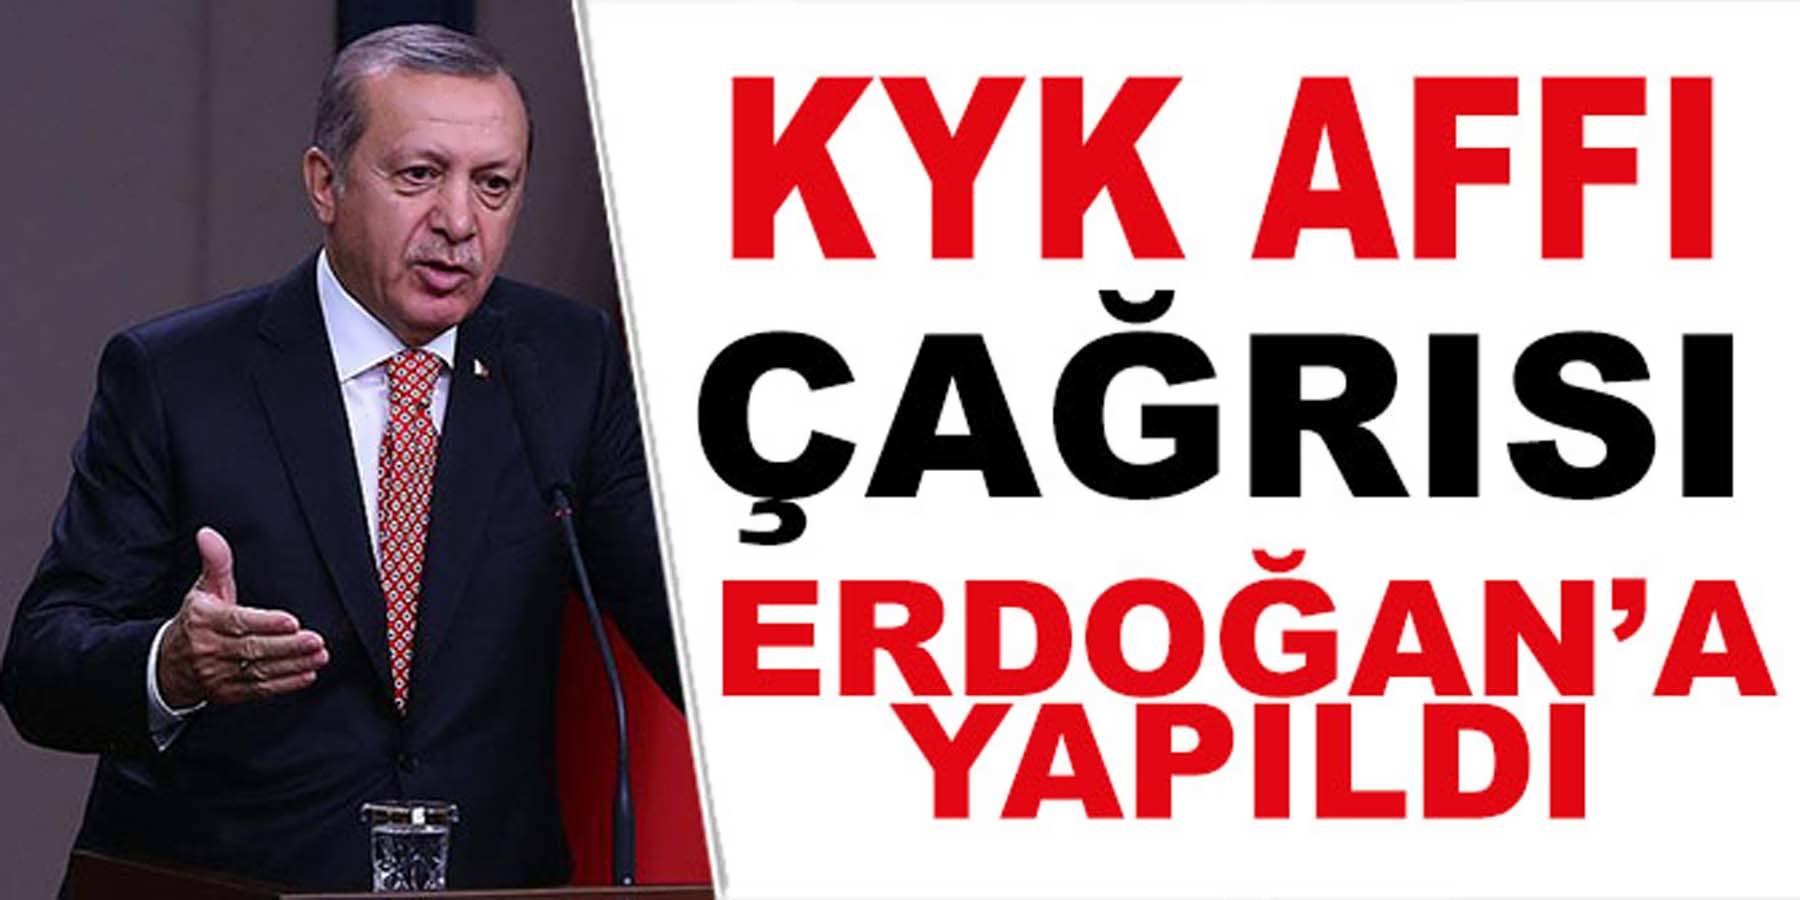 KYK Affı Çağrısı Cumhurbaşkanı Erdoğan'a Yapıldı